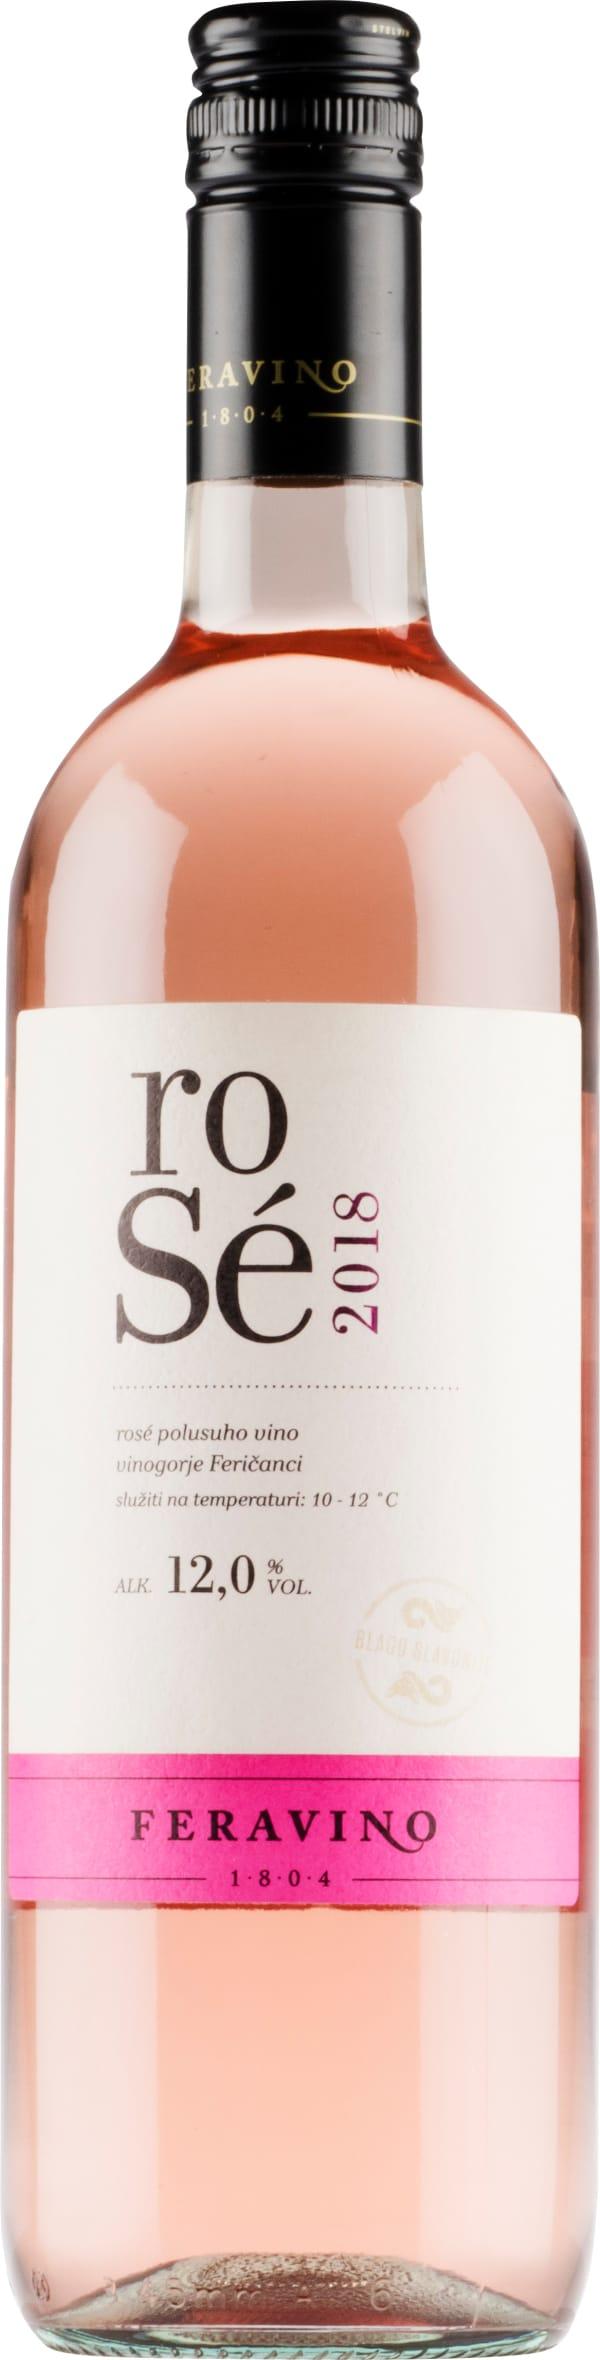 Feravino Classic Rosé 2018